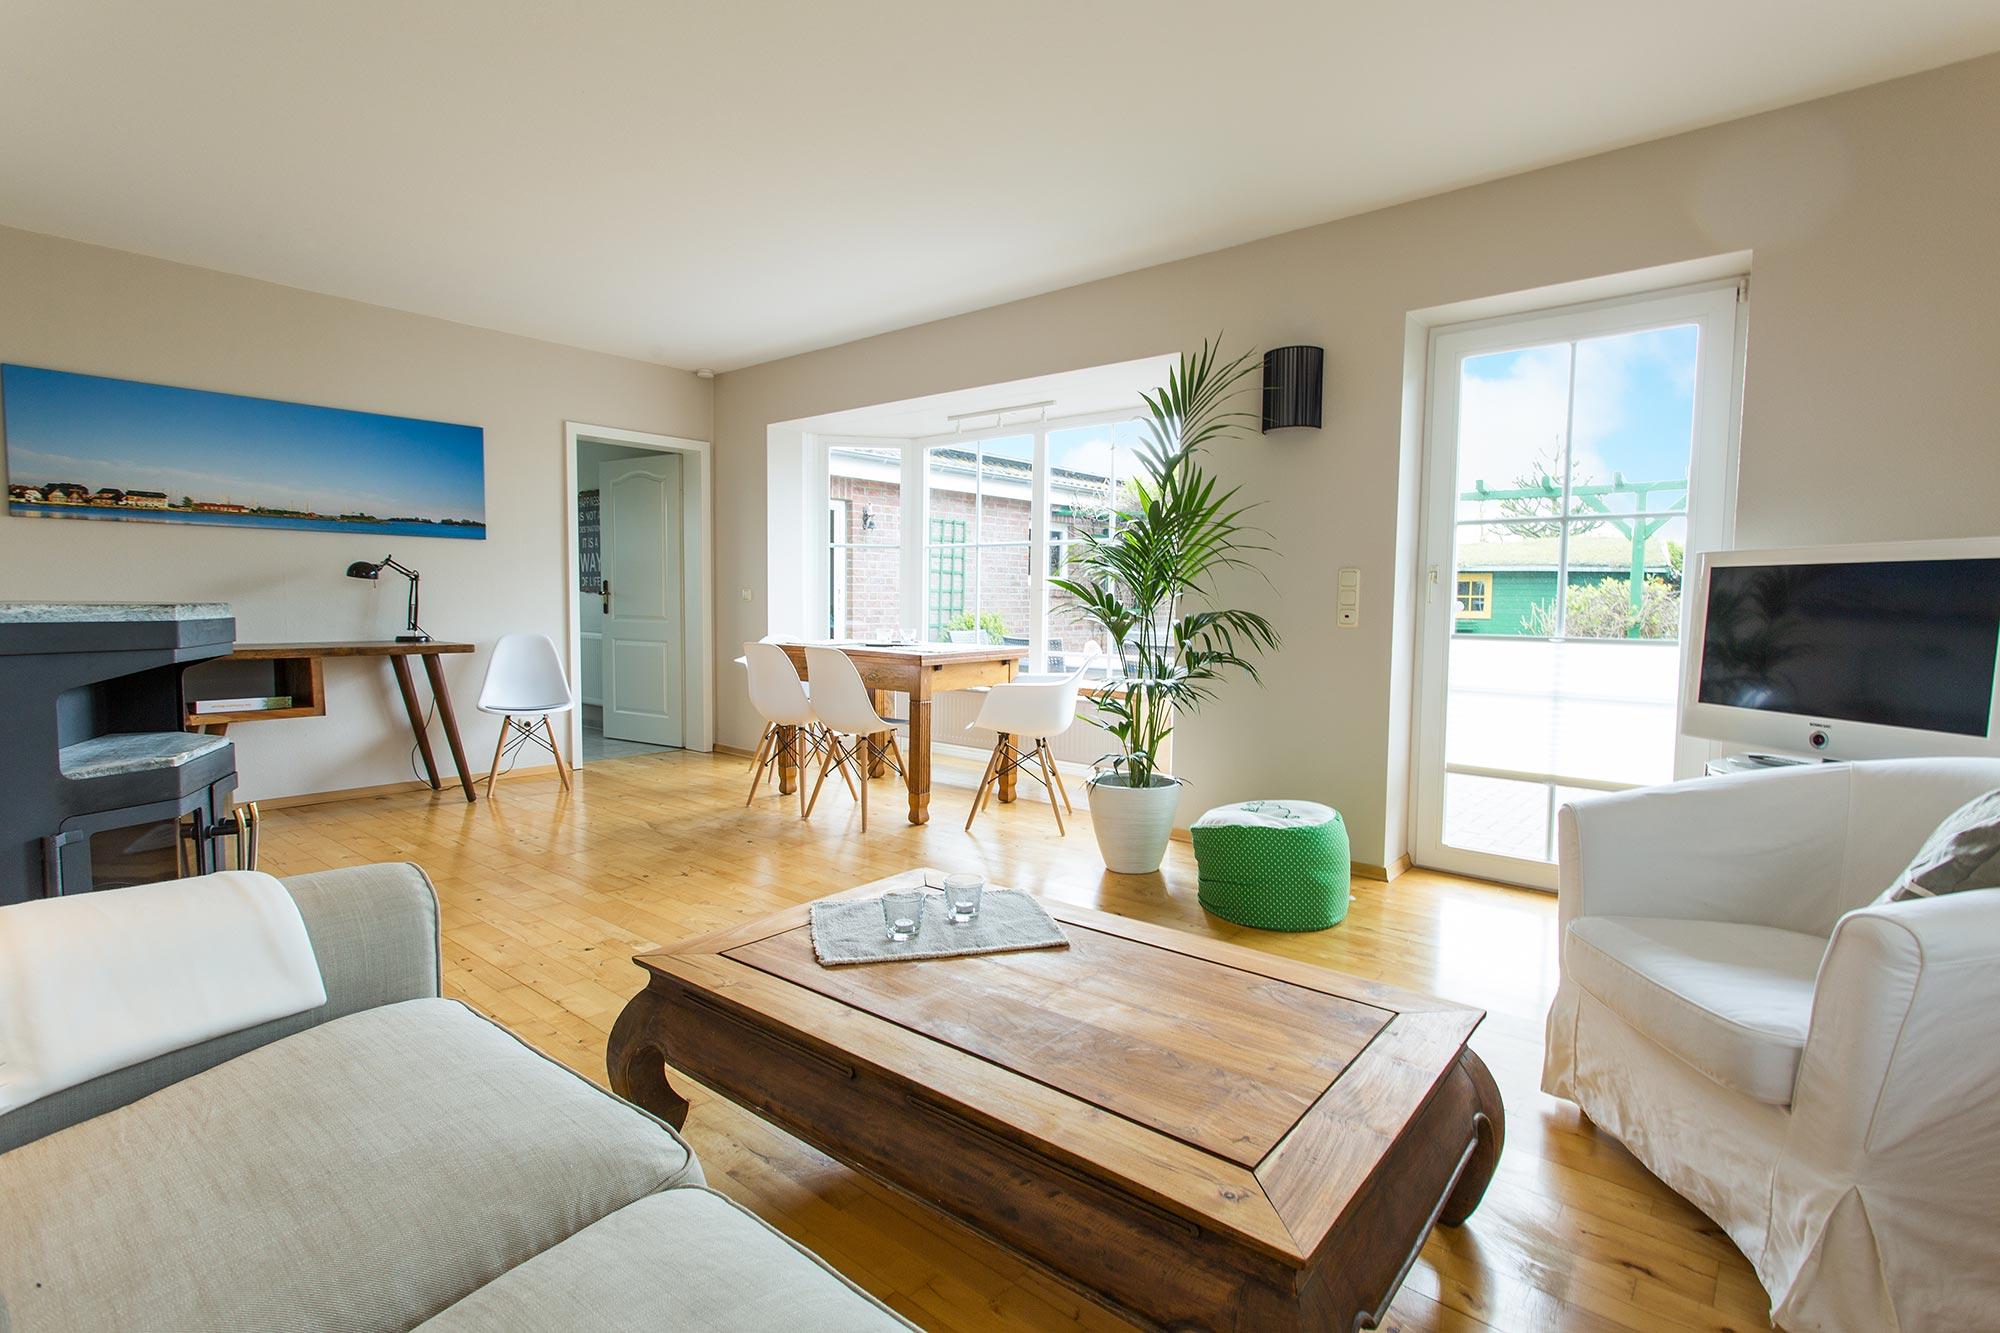 ferienwohnungen auf fehmarn urlaub im strandhaus gold auf fehmarn. Black Bedroom Furniture Sets. Home Design Ideas